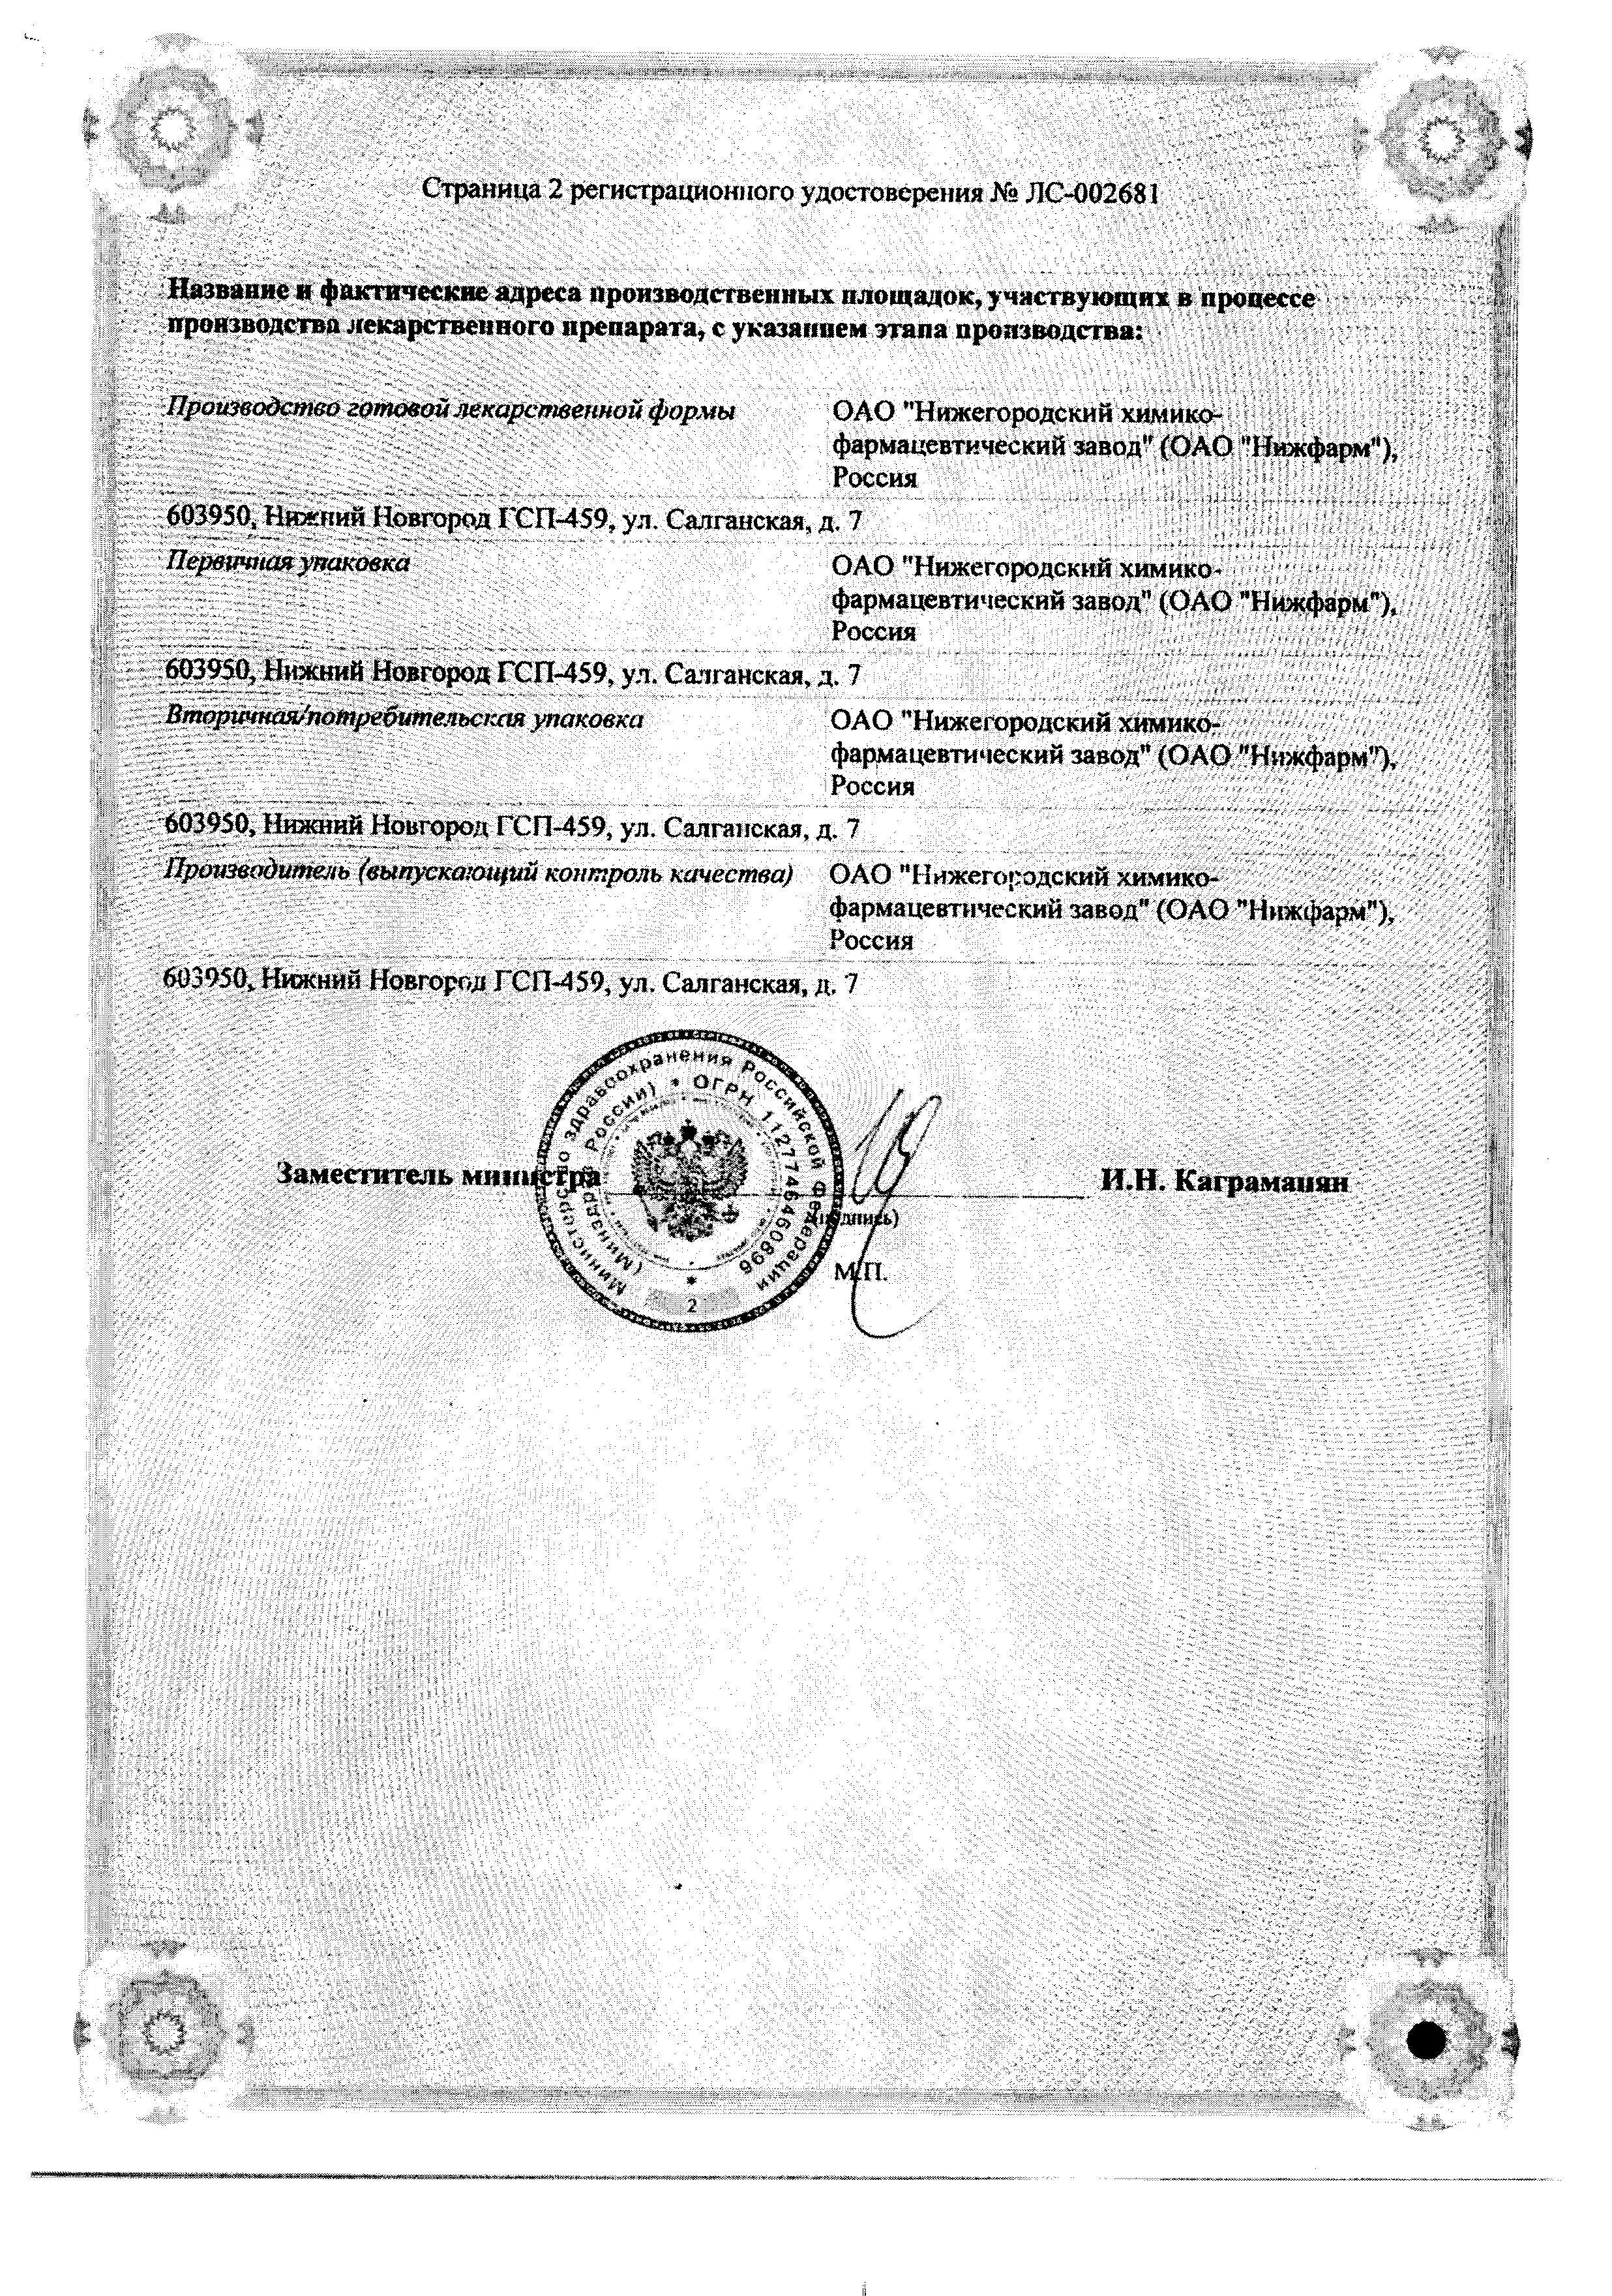 Фунготербин сертификат